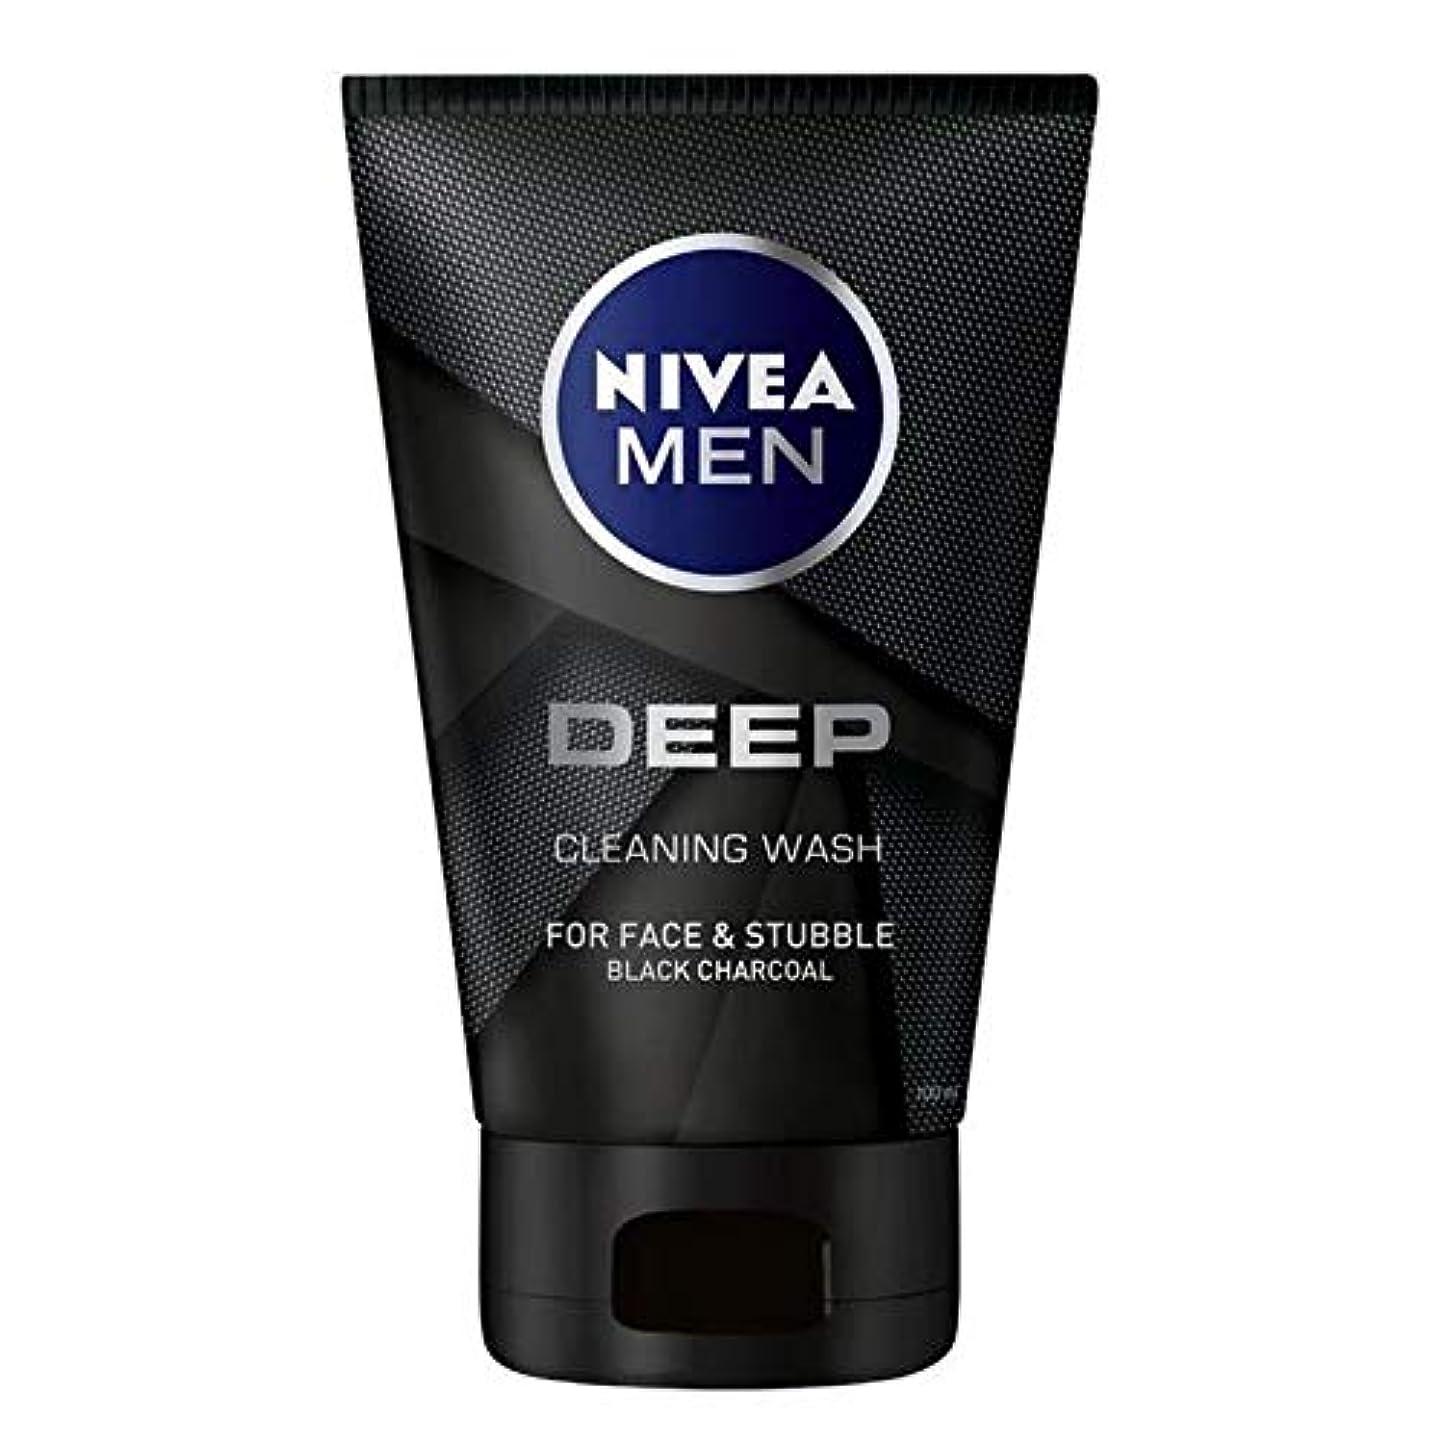 大破レンダー侵入[Nivea ] ニベア男性深い木炭フェイスウォッシュ100ミリリットル - NIVEA MEN Deep Charcoal Face Wash 100ml [並行輸入品]